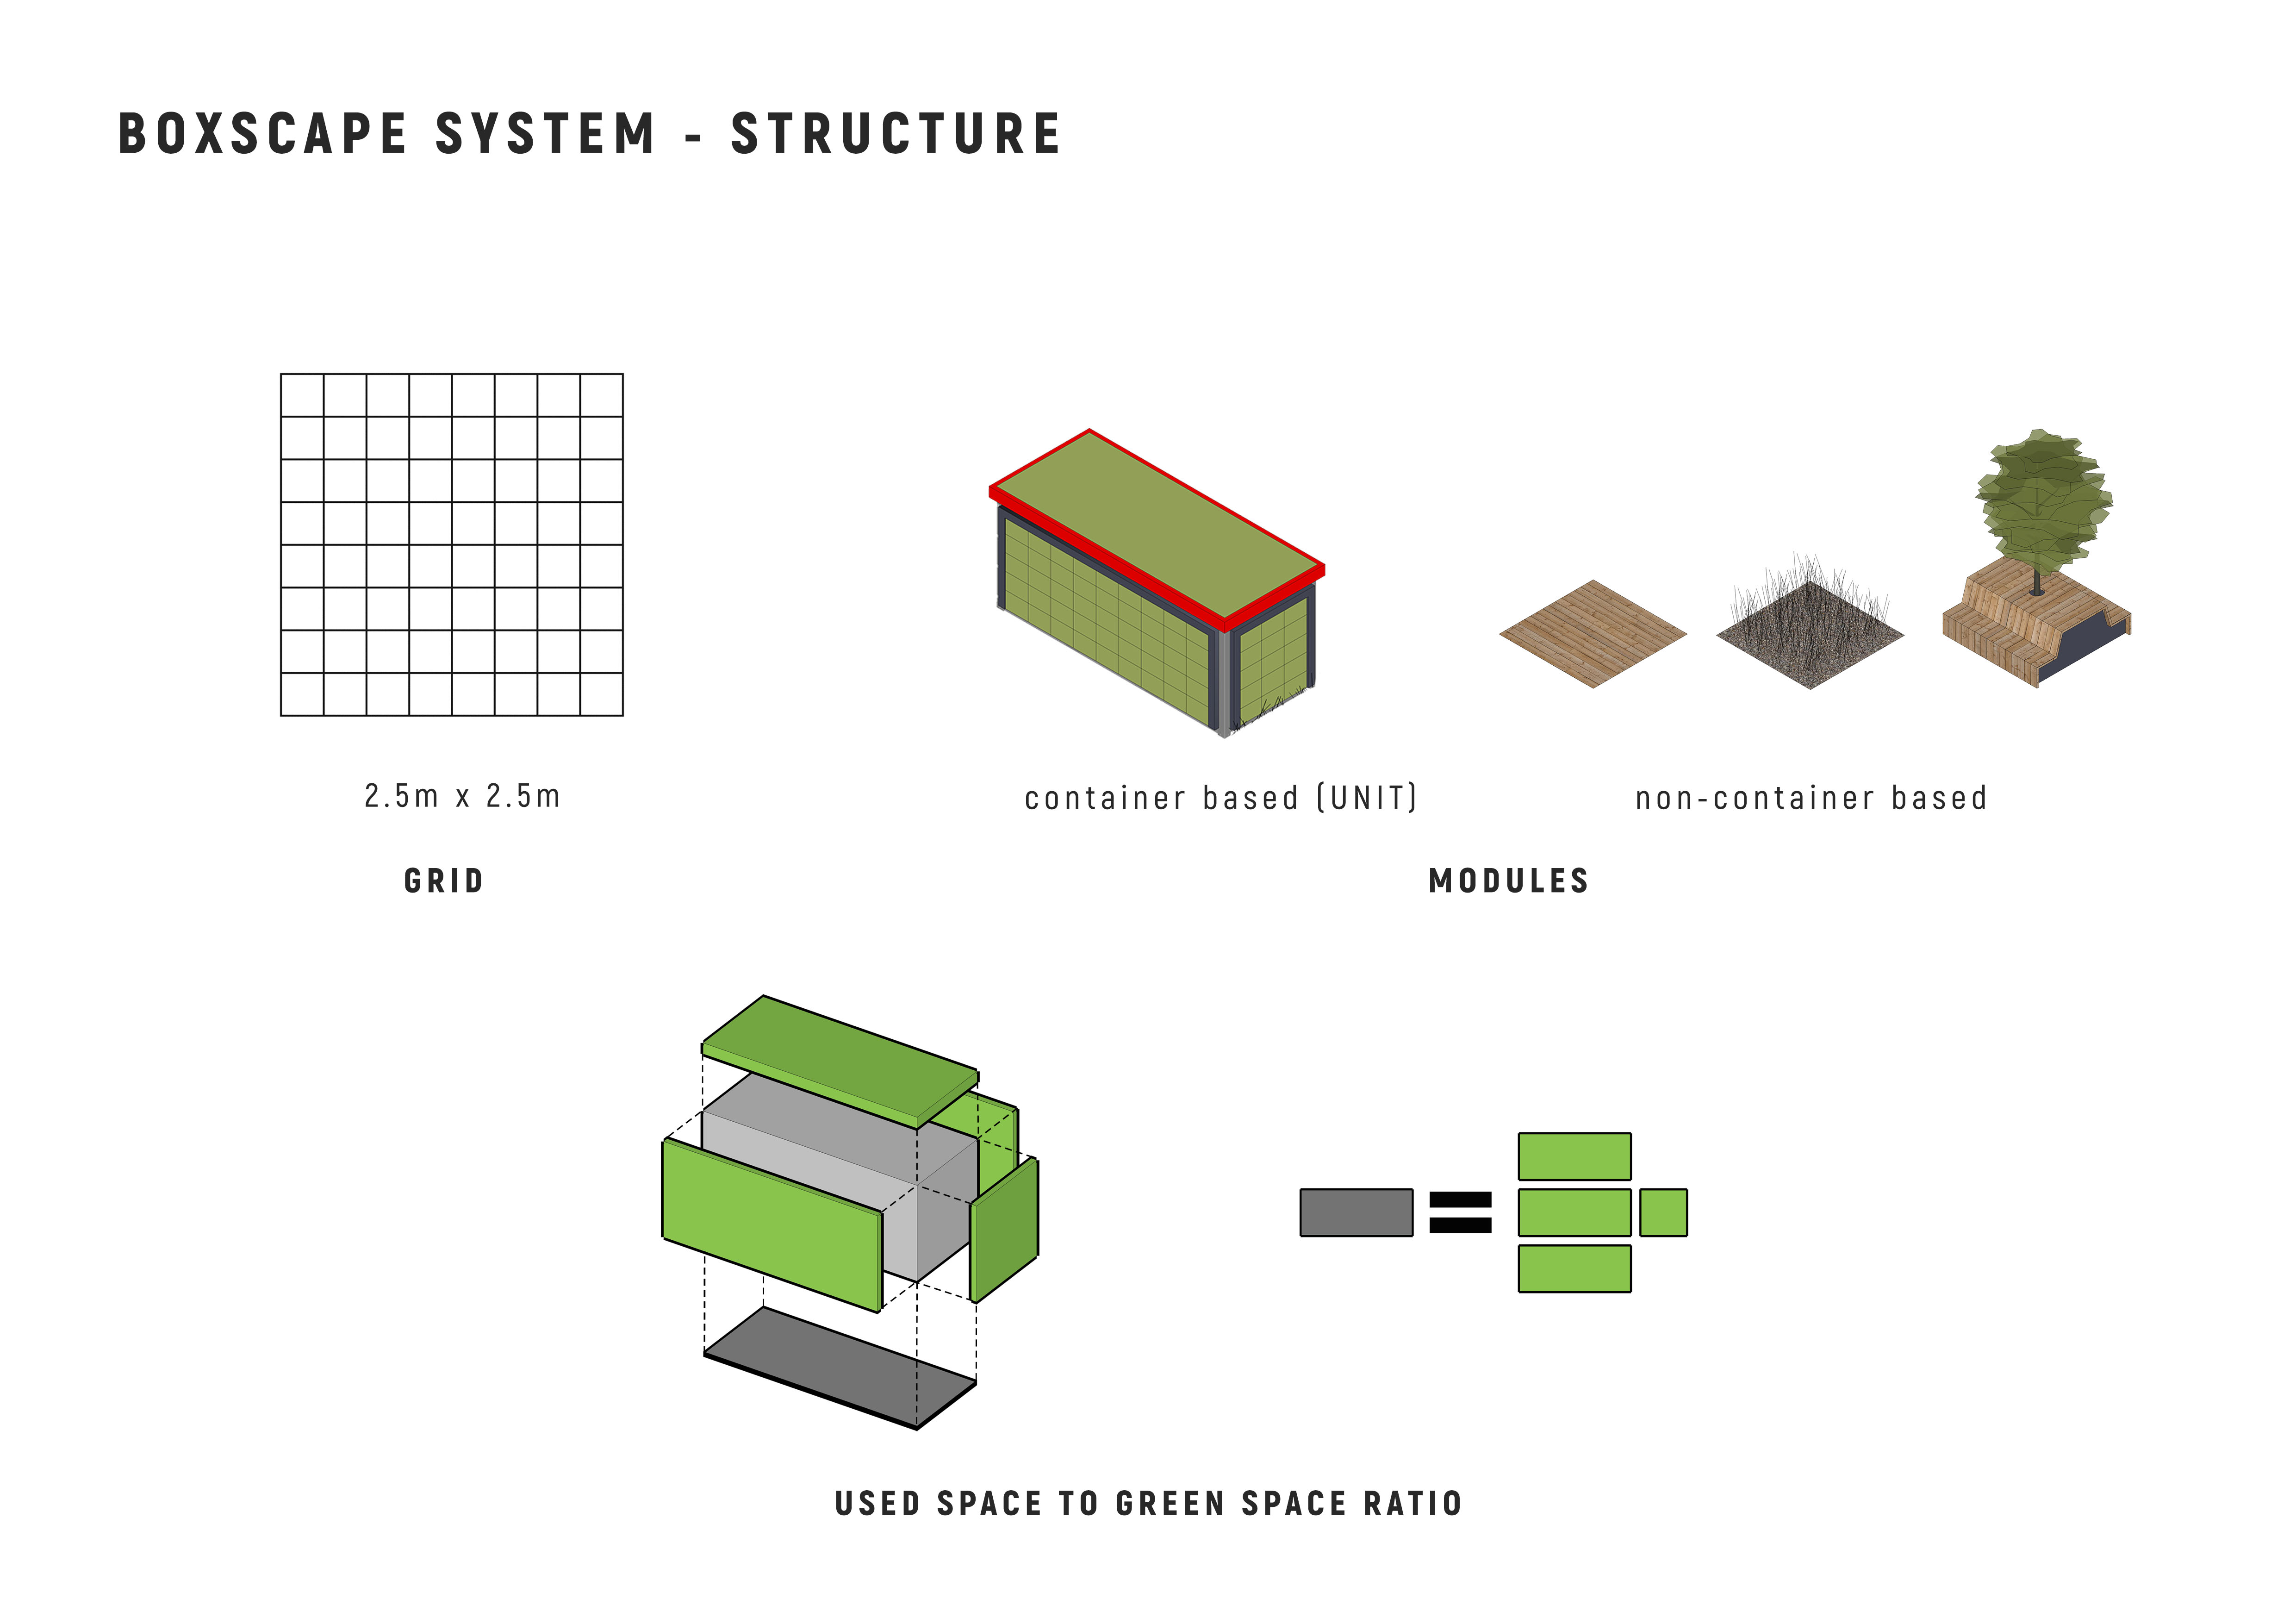 4 BOXSCAPE STRUCTURE